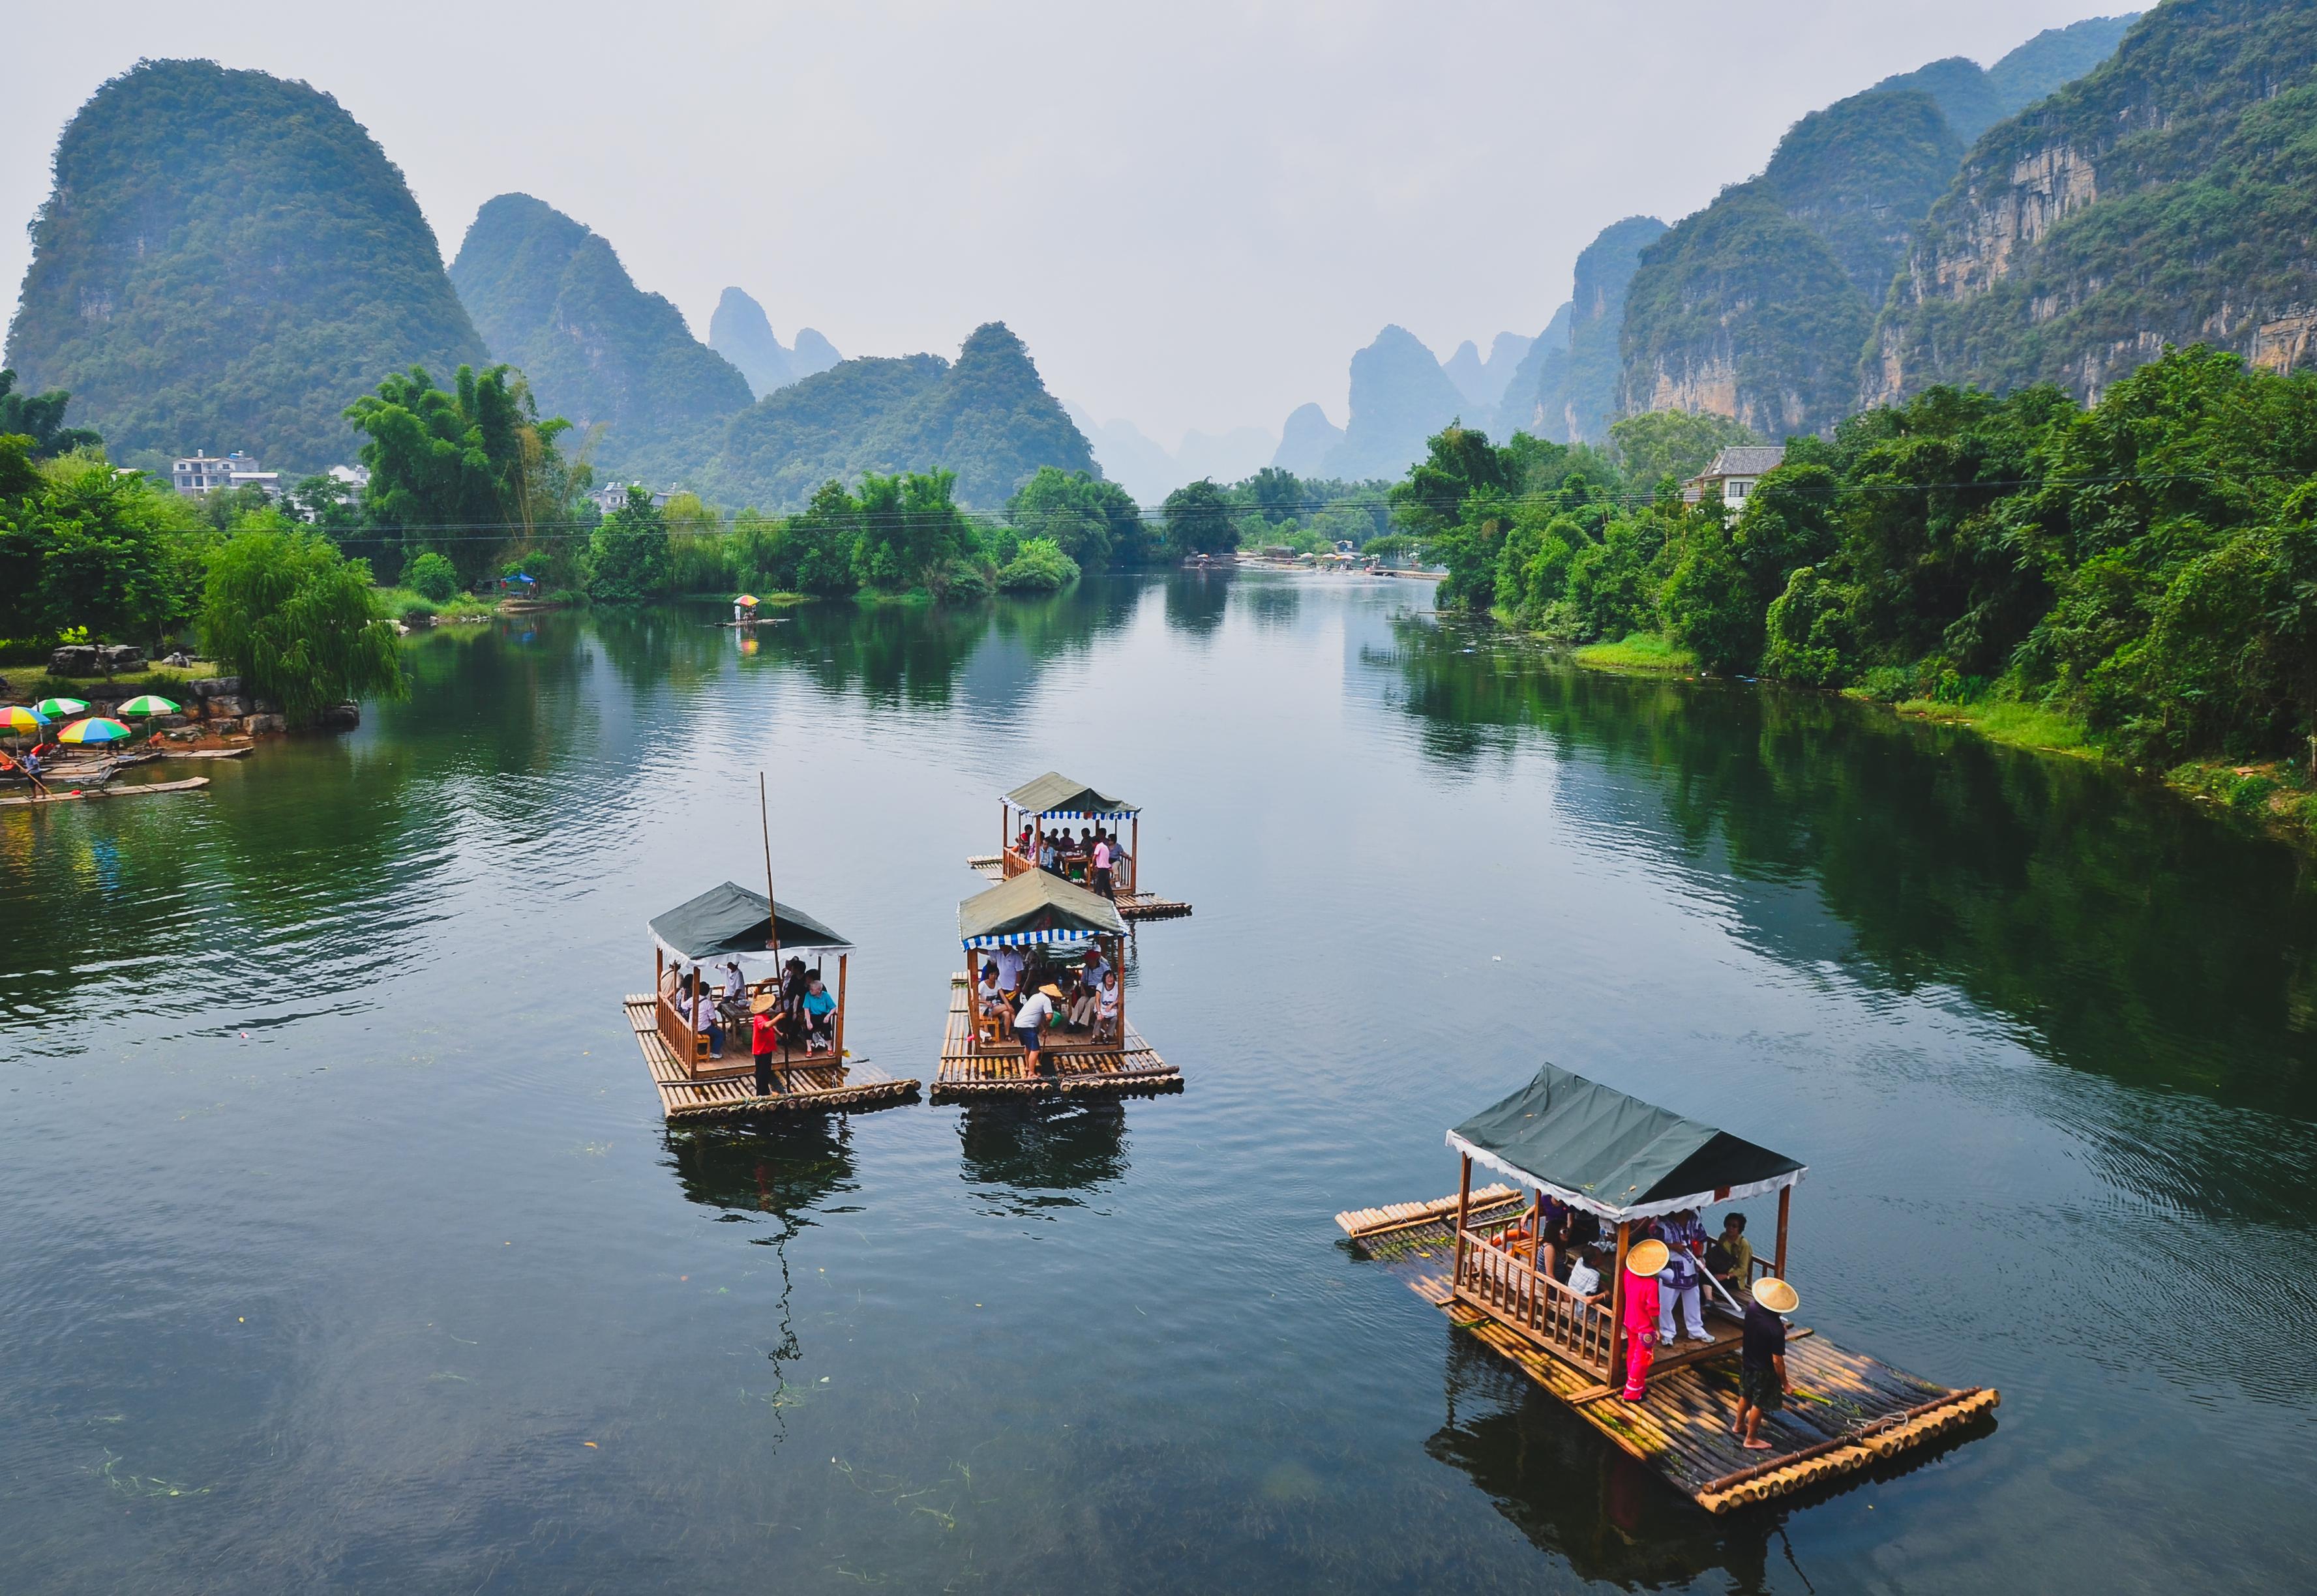 Lifestyle of River Li, China